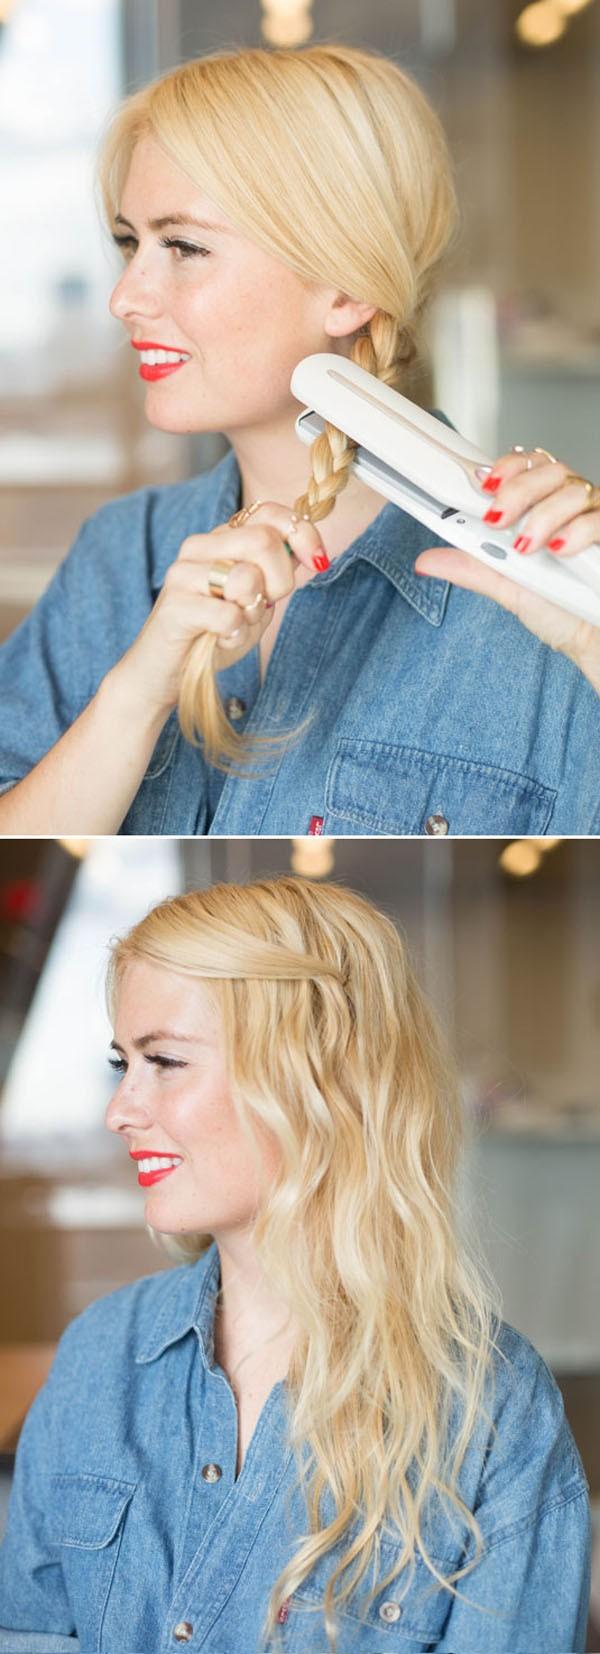 24 mẹo nhỏ thay đổi hoàn toàn công cuộc làm tóc hàng ngày 19